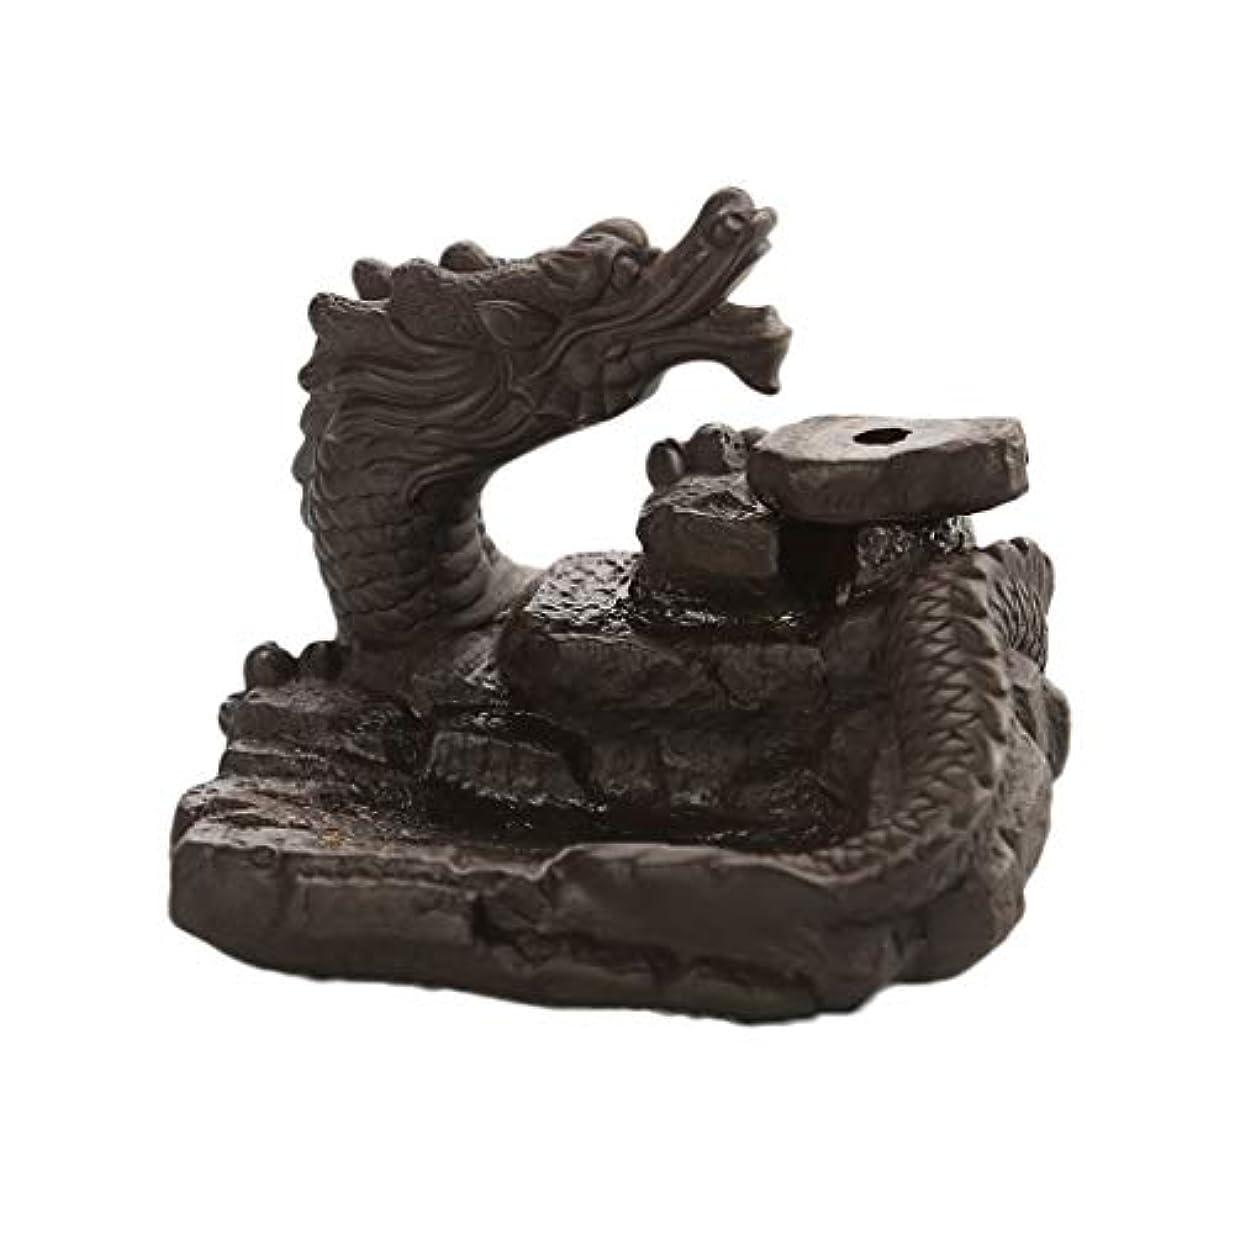 世界記録のギネスブック準備した吹きさらし芳香器?アロマバーナー ドラゴンの逆流の香炉の陶磁器のホールダーの黒ドラゴンの逆流の香炉の香炉の陶磁器のホールダー 芳香器?アロマバーナー